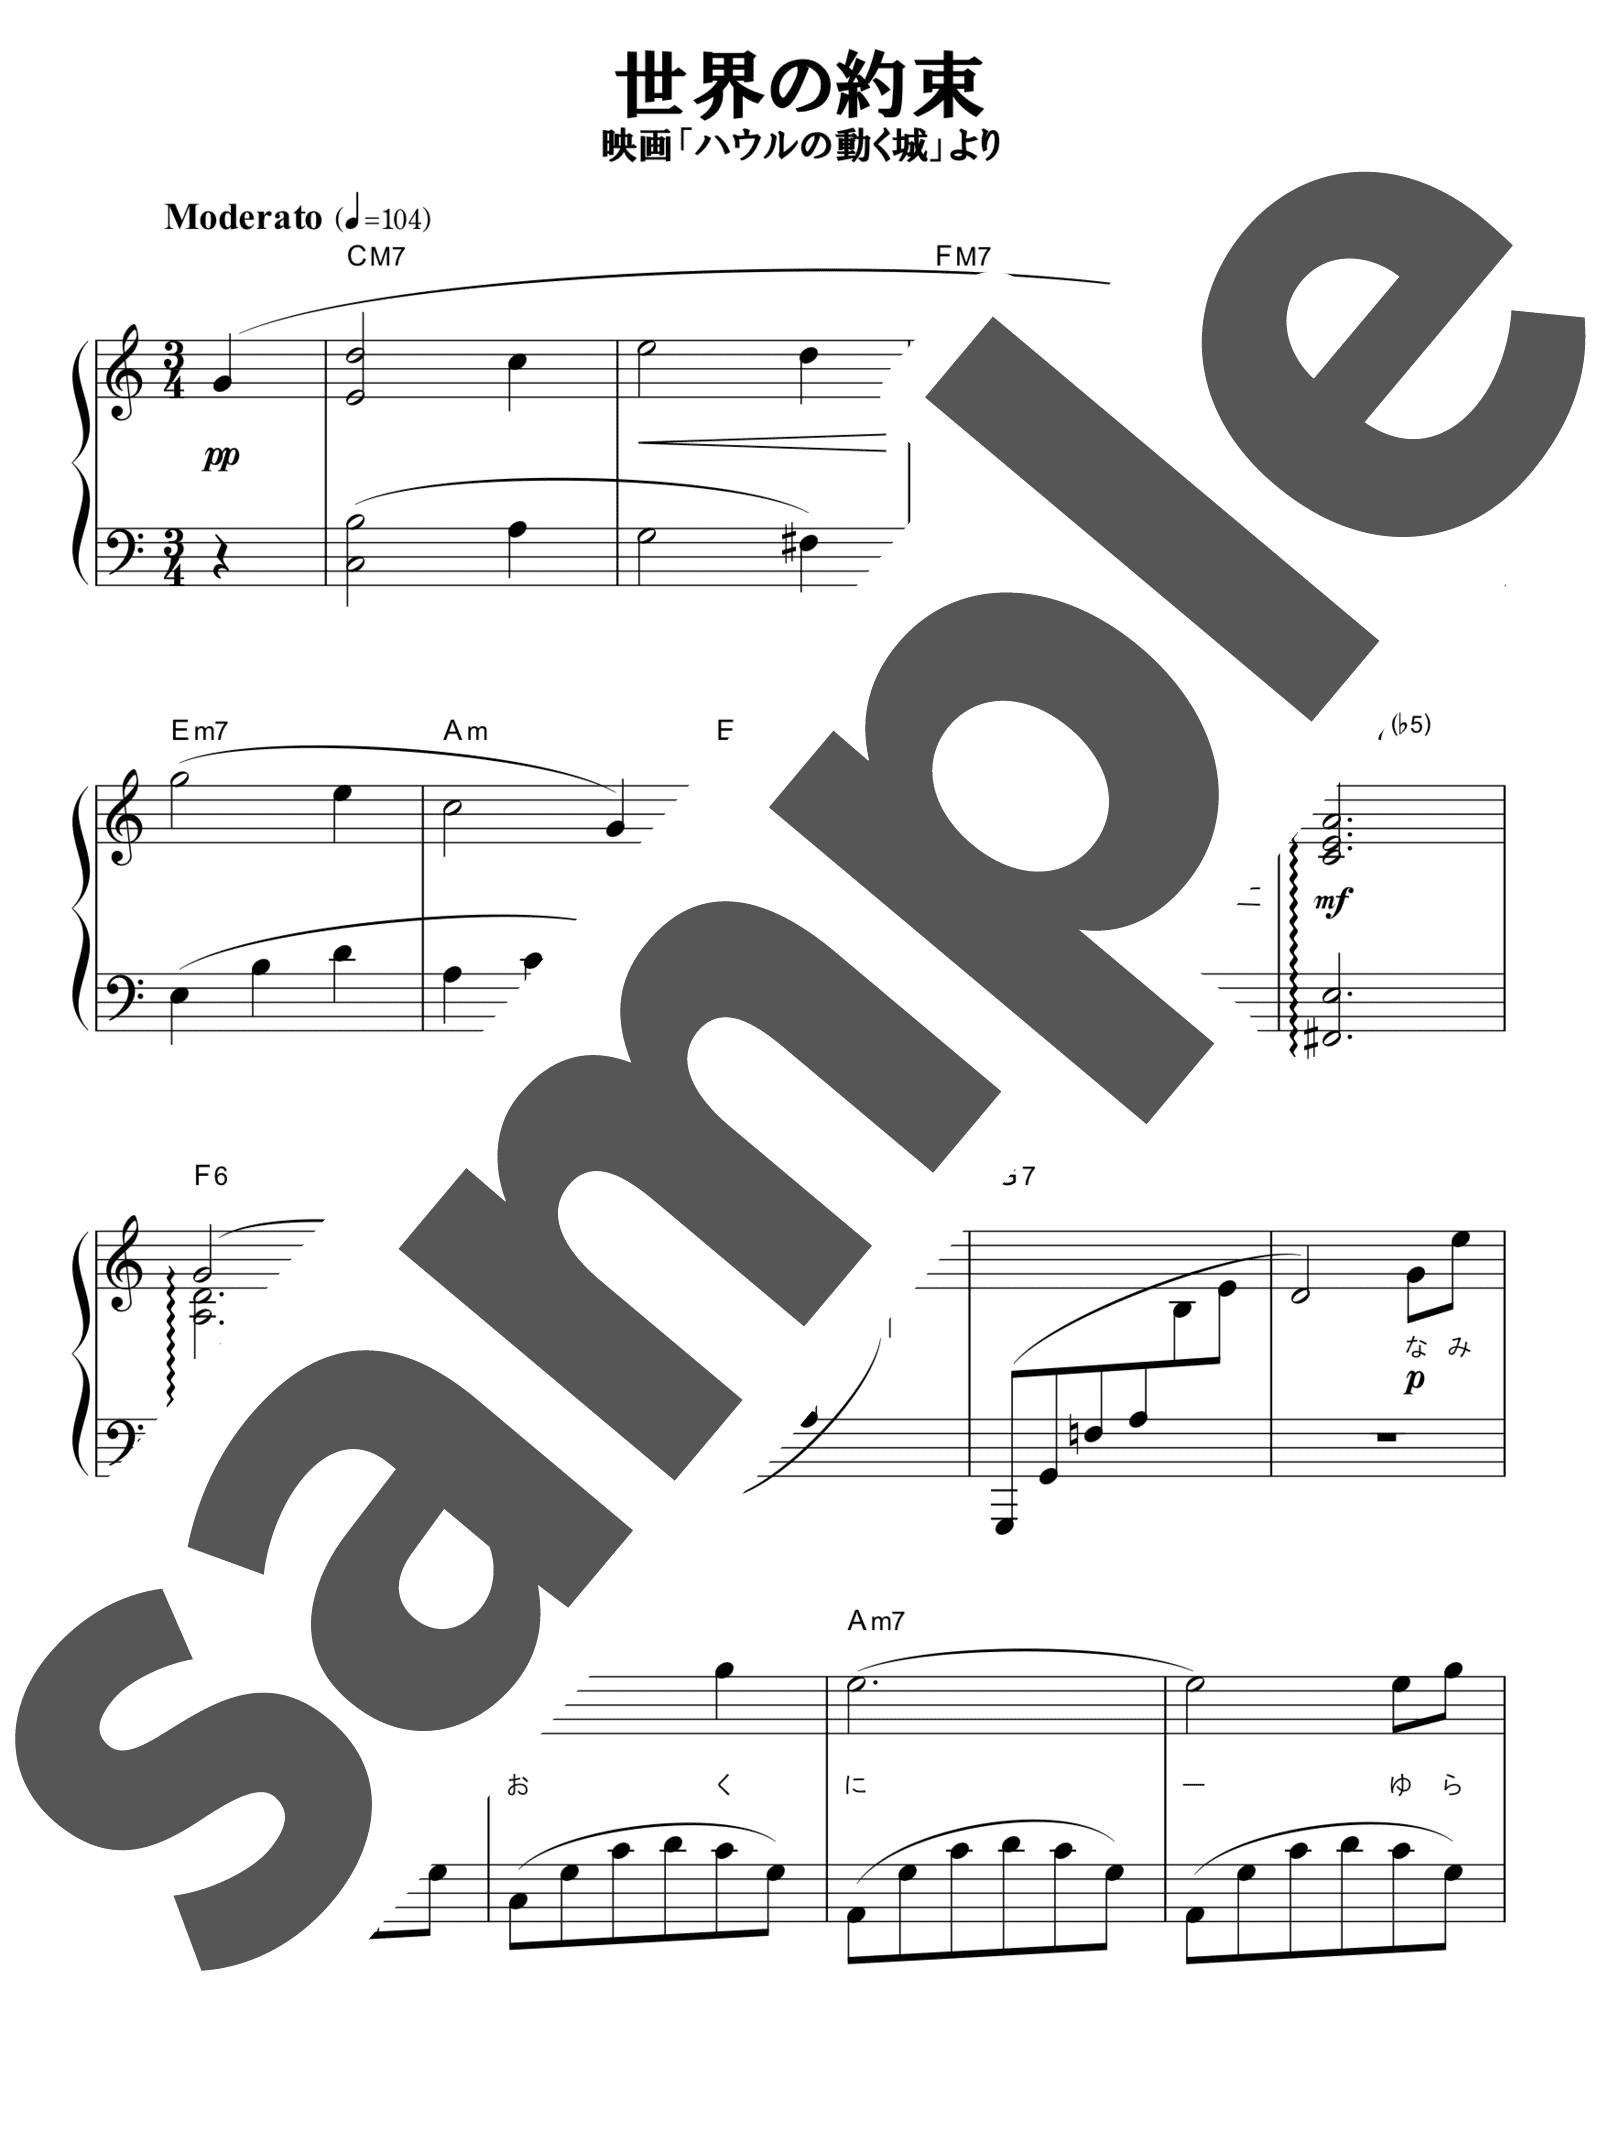 「世界の約束」のサンプル楽譜